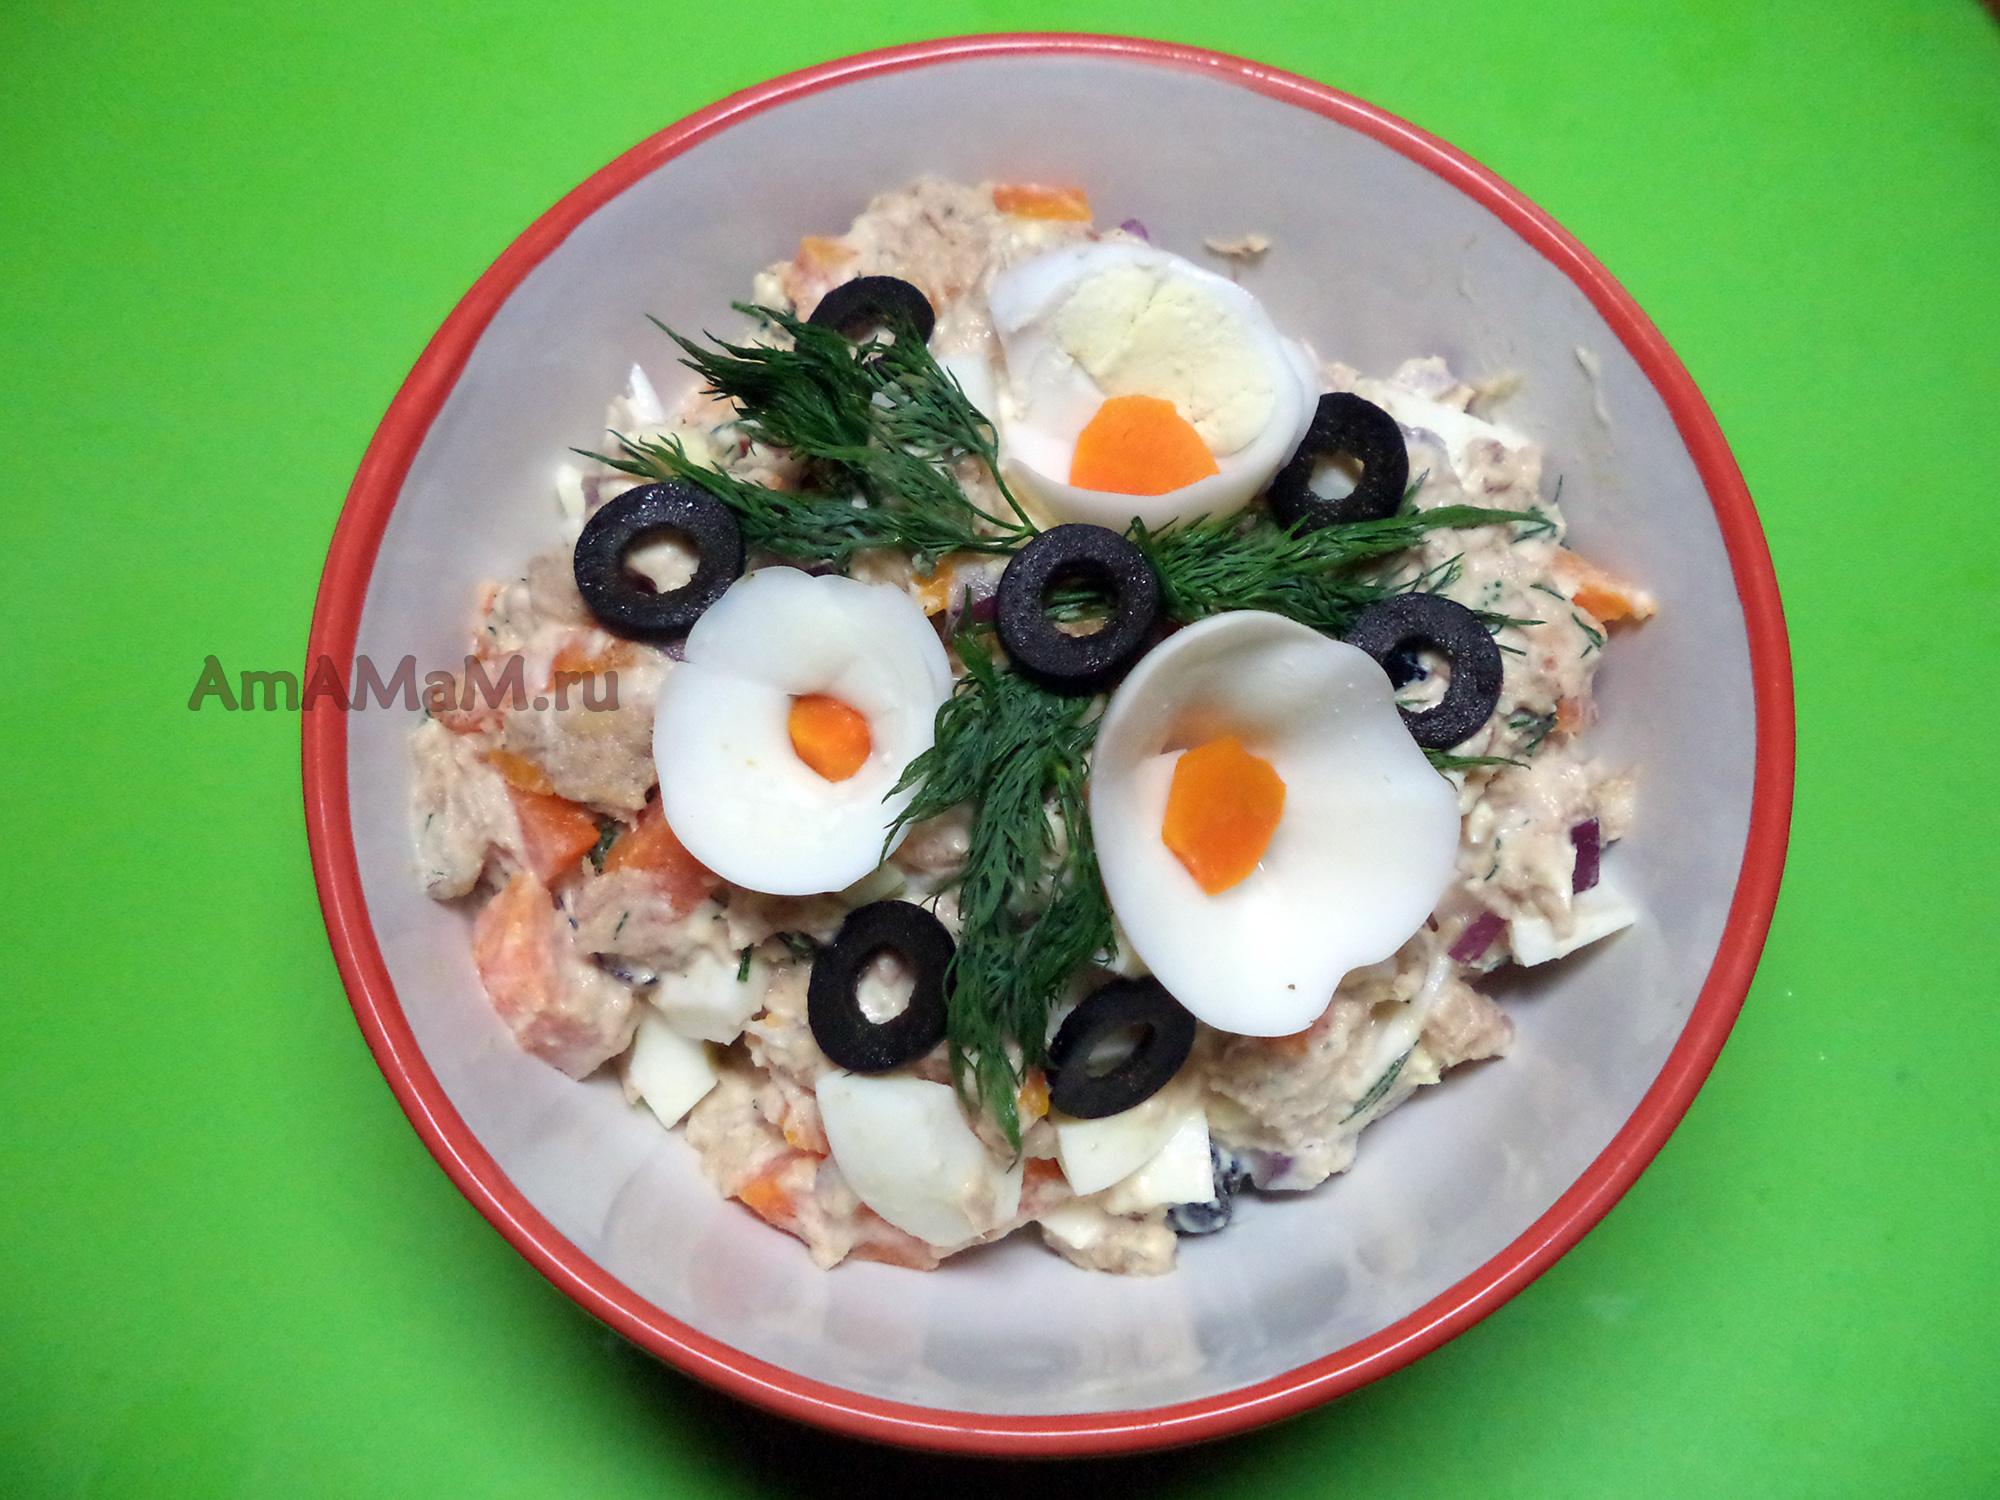 рецепты салатов с консервами из рыбы